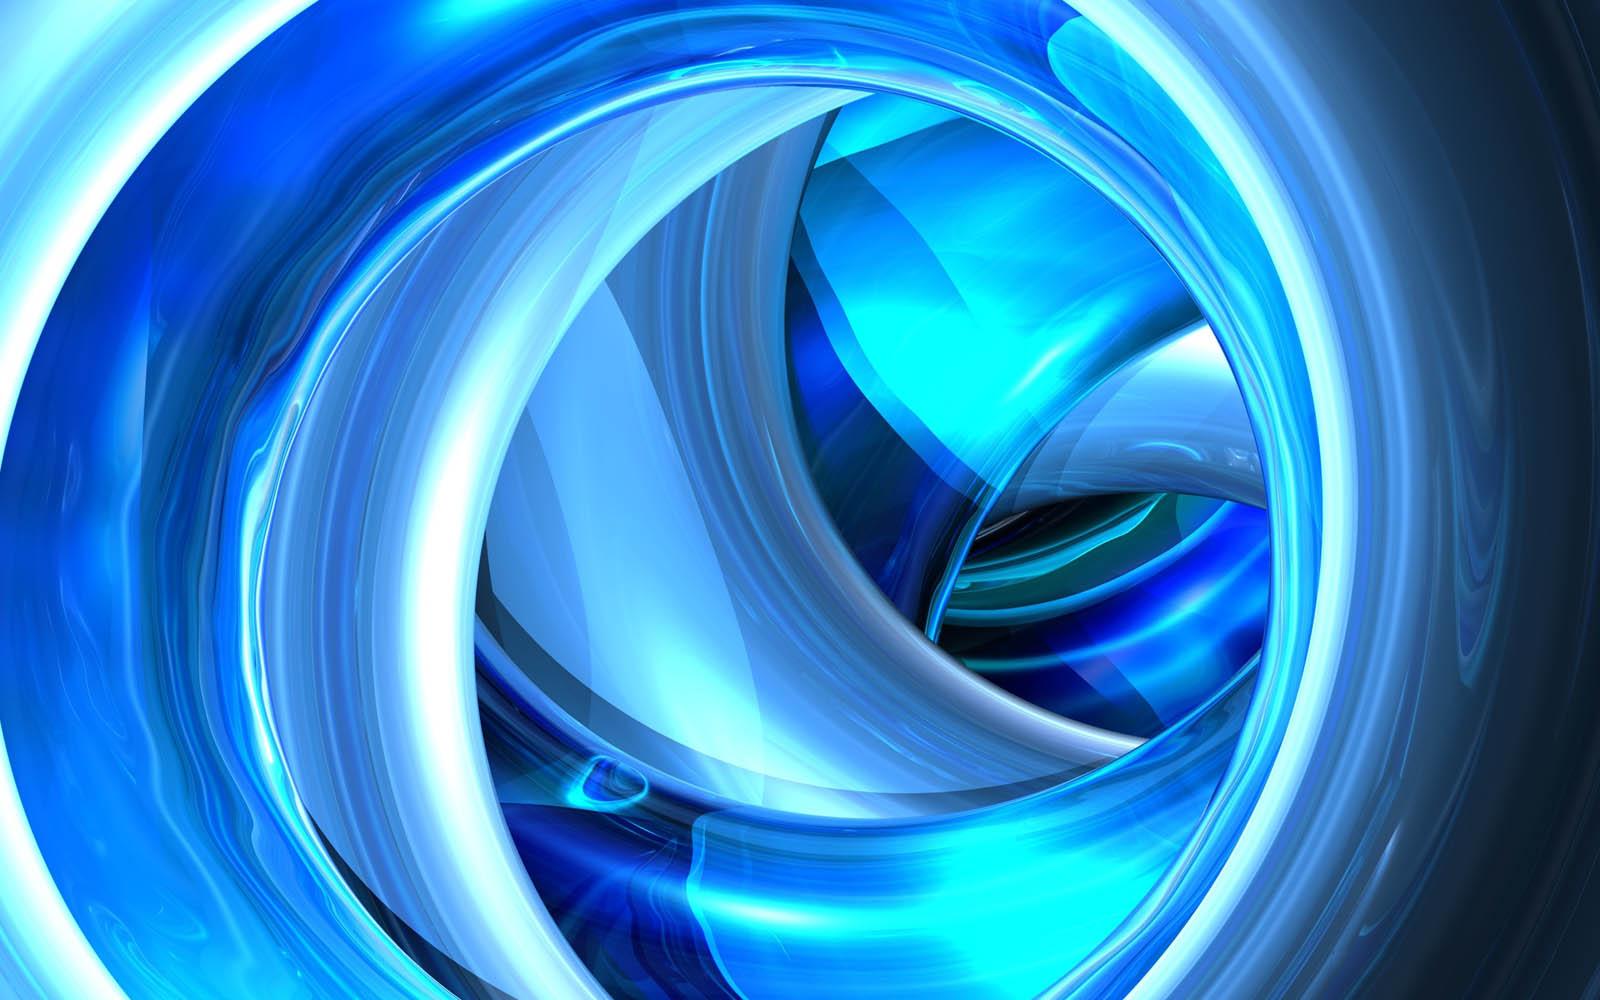 http://1.bp.blogspot.com/-LLb0jxpaXVQ/UQZ2Wmqi26I/AAAAAAAARuE/fj2Rgc2h818/s1600/Blue+3D+Wallpapers.jpg